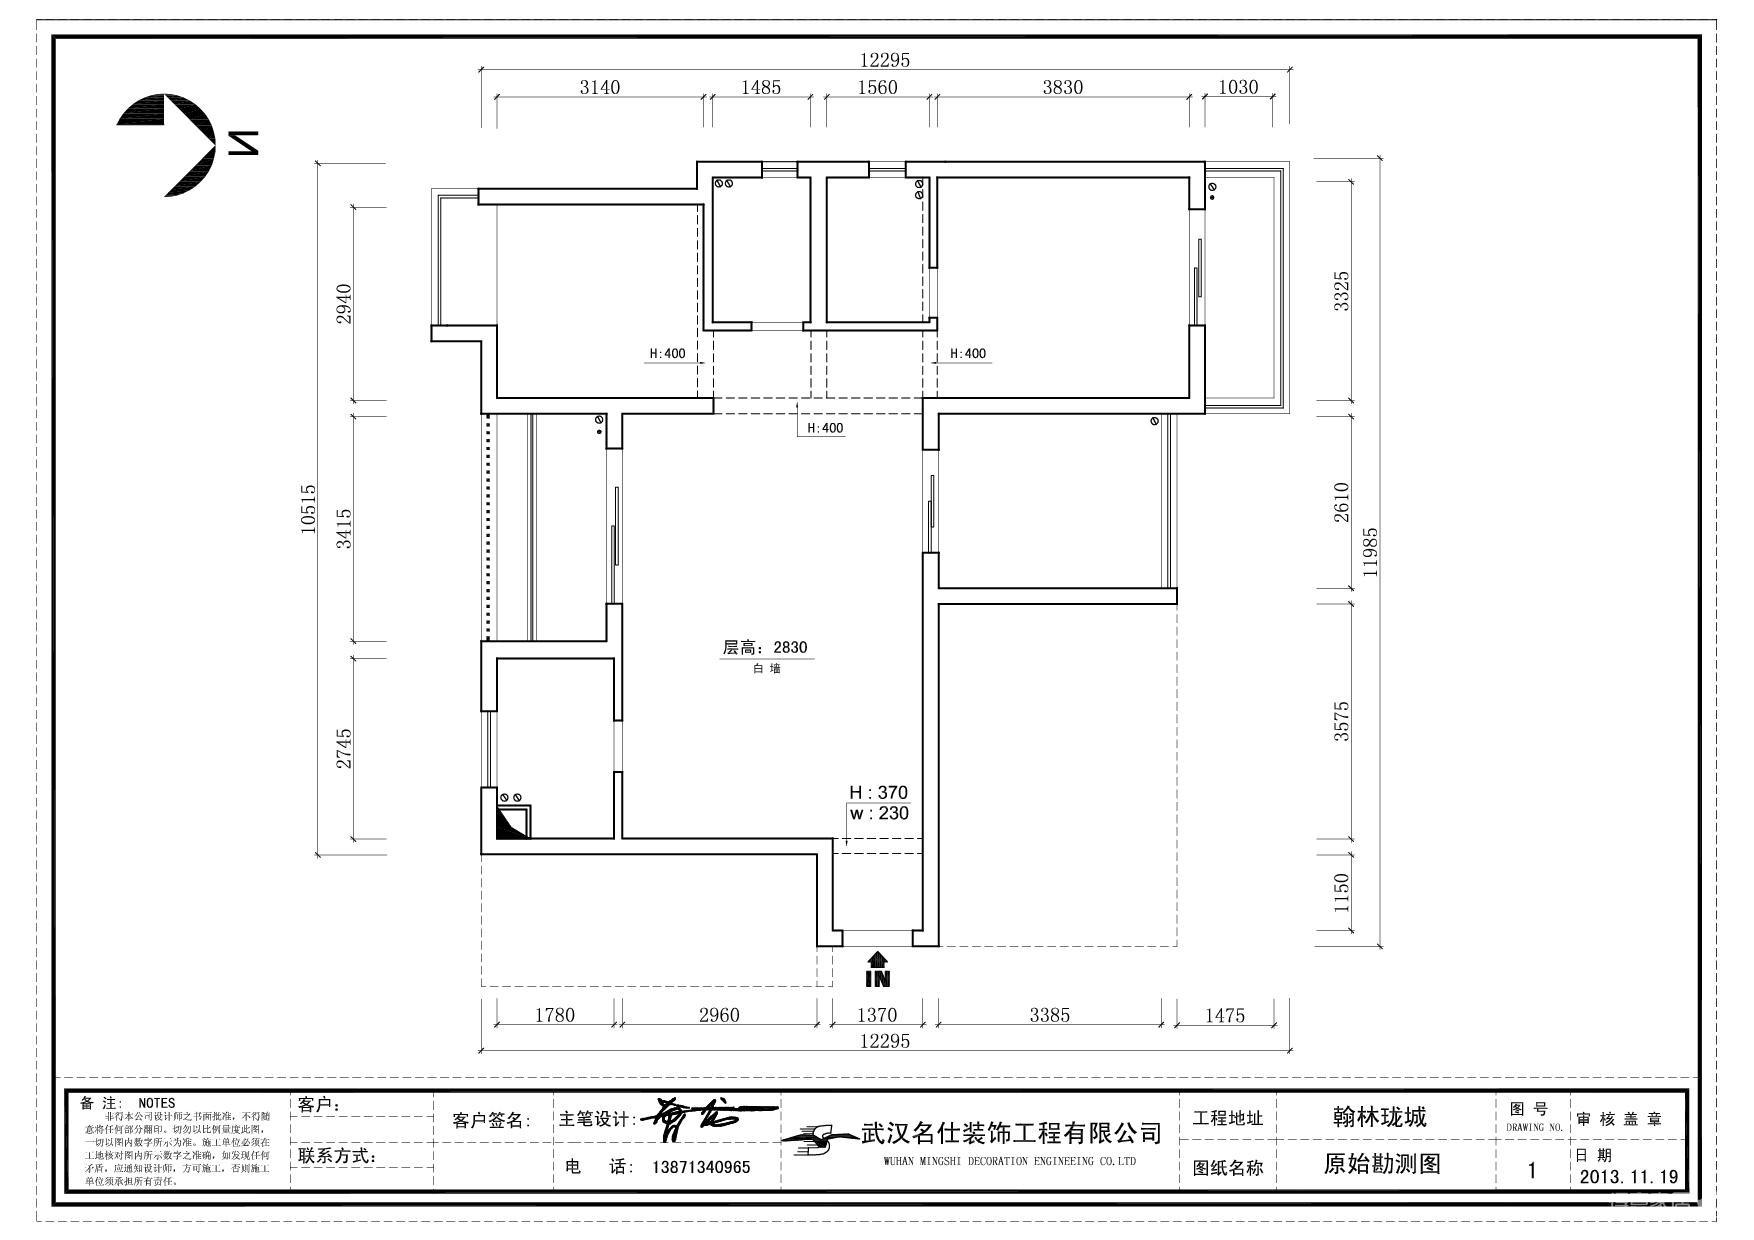 翰林龙城中式全包/10万图_18